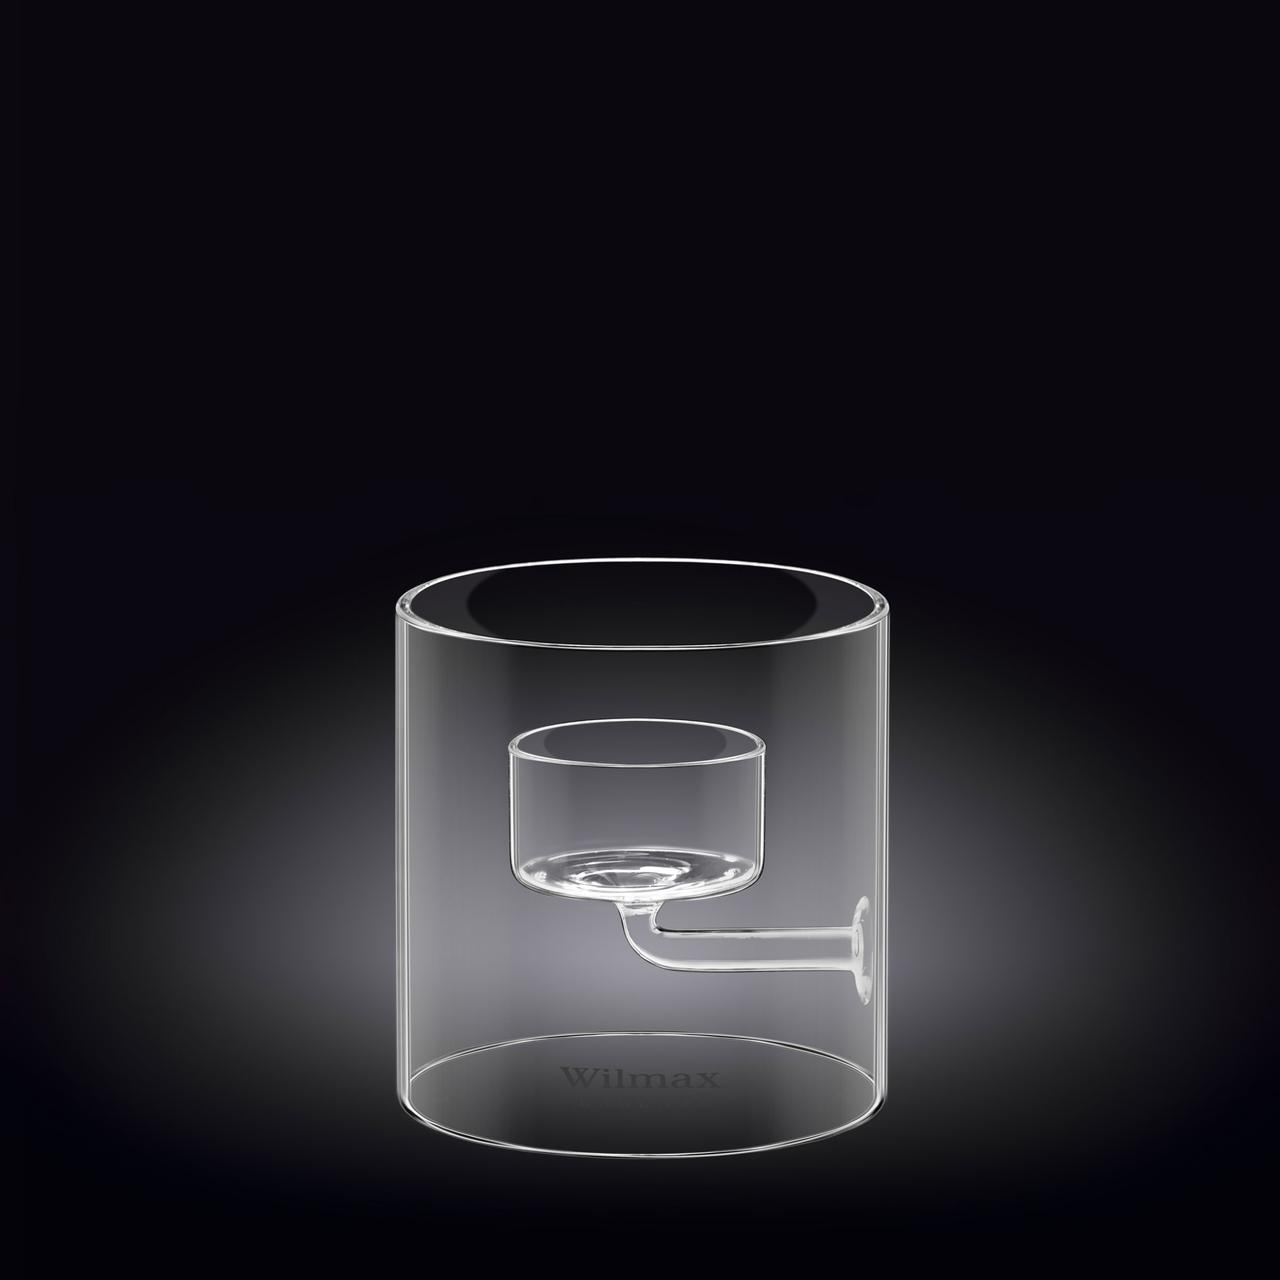 Подсвечник на 1 свечу Wilmax 9 см